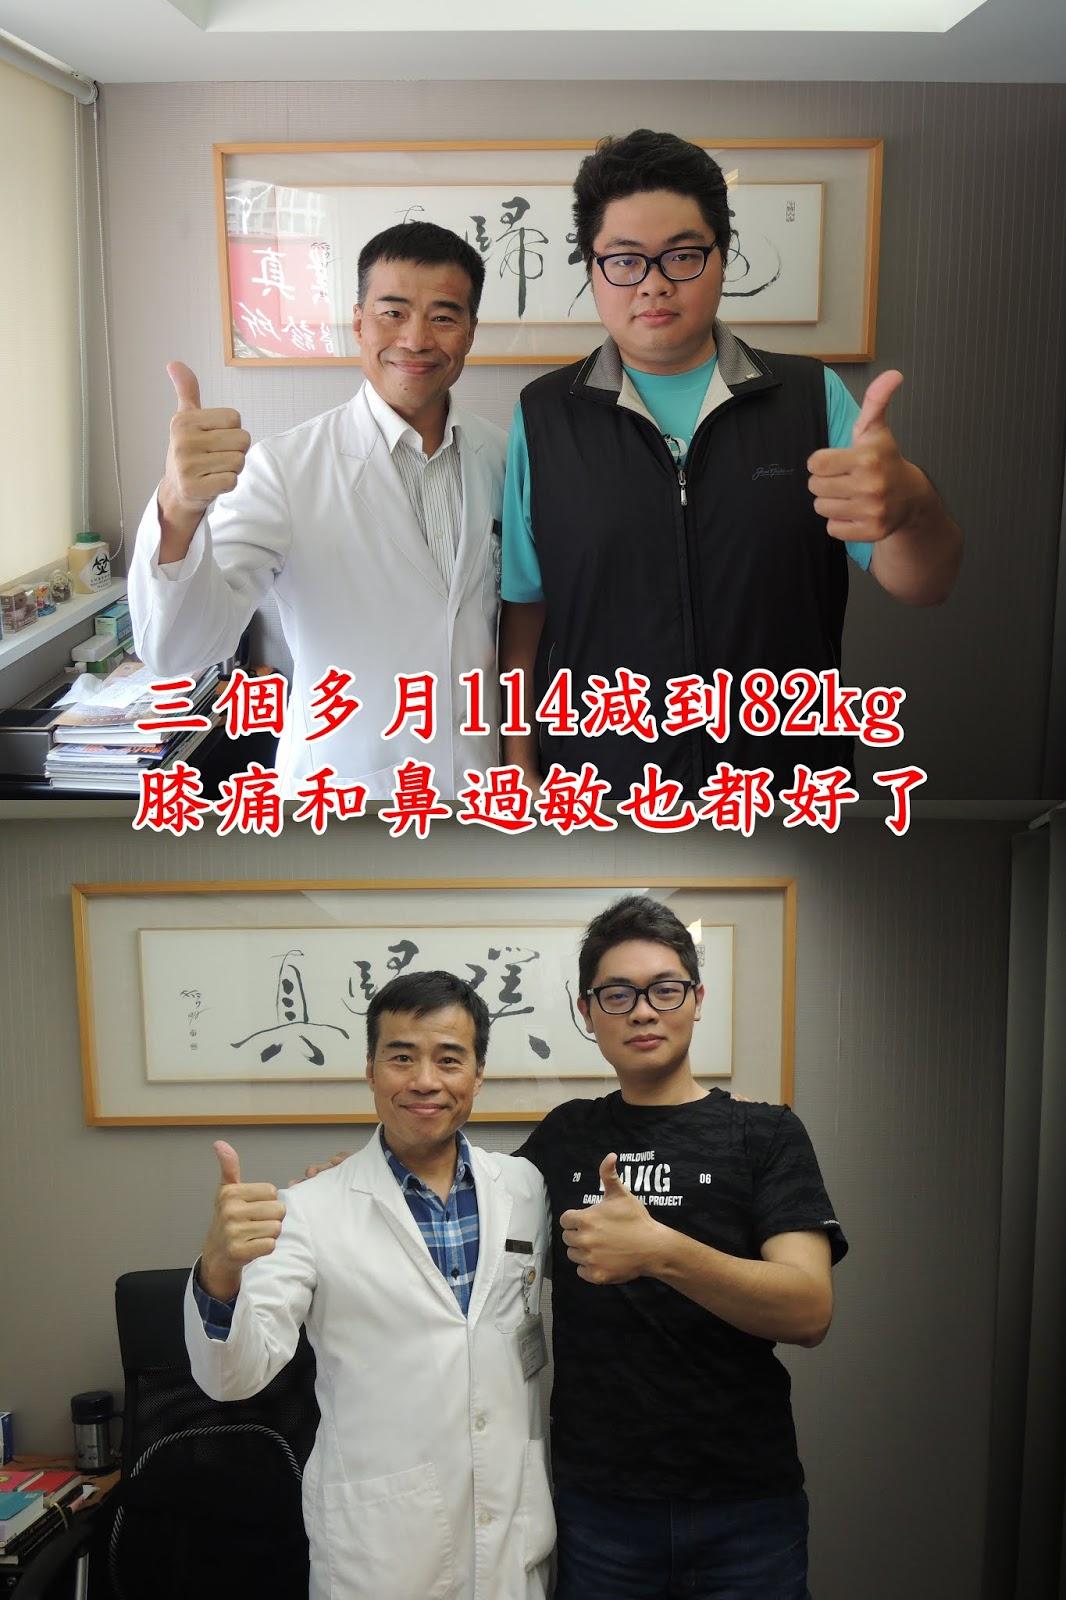 璞真中醫診所: 三個月甩三十二,膝痛鼻過敏,統統不見了!